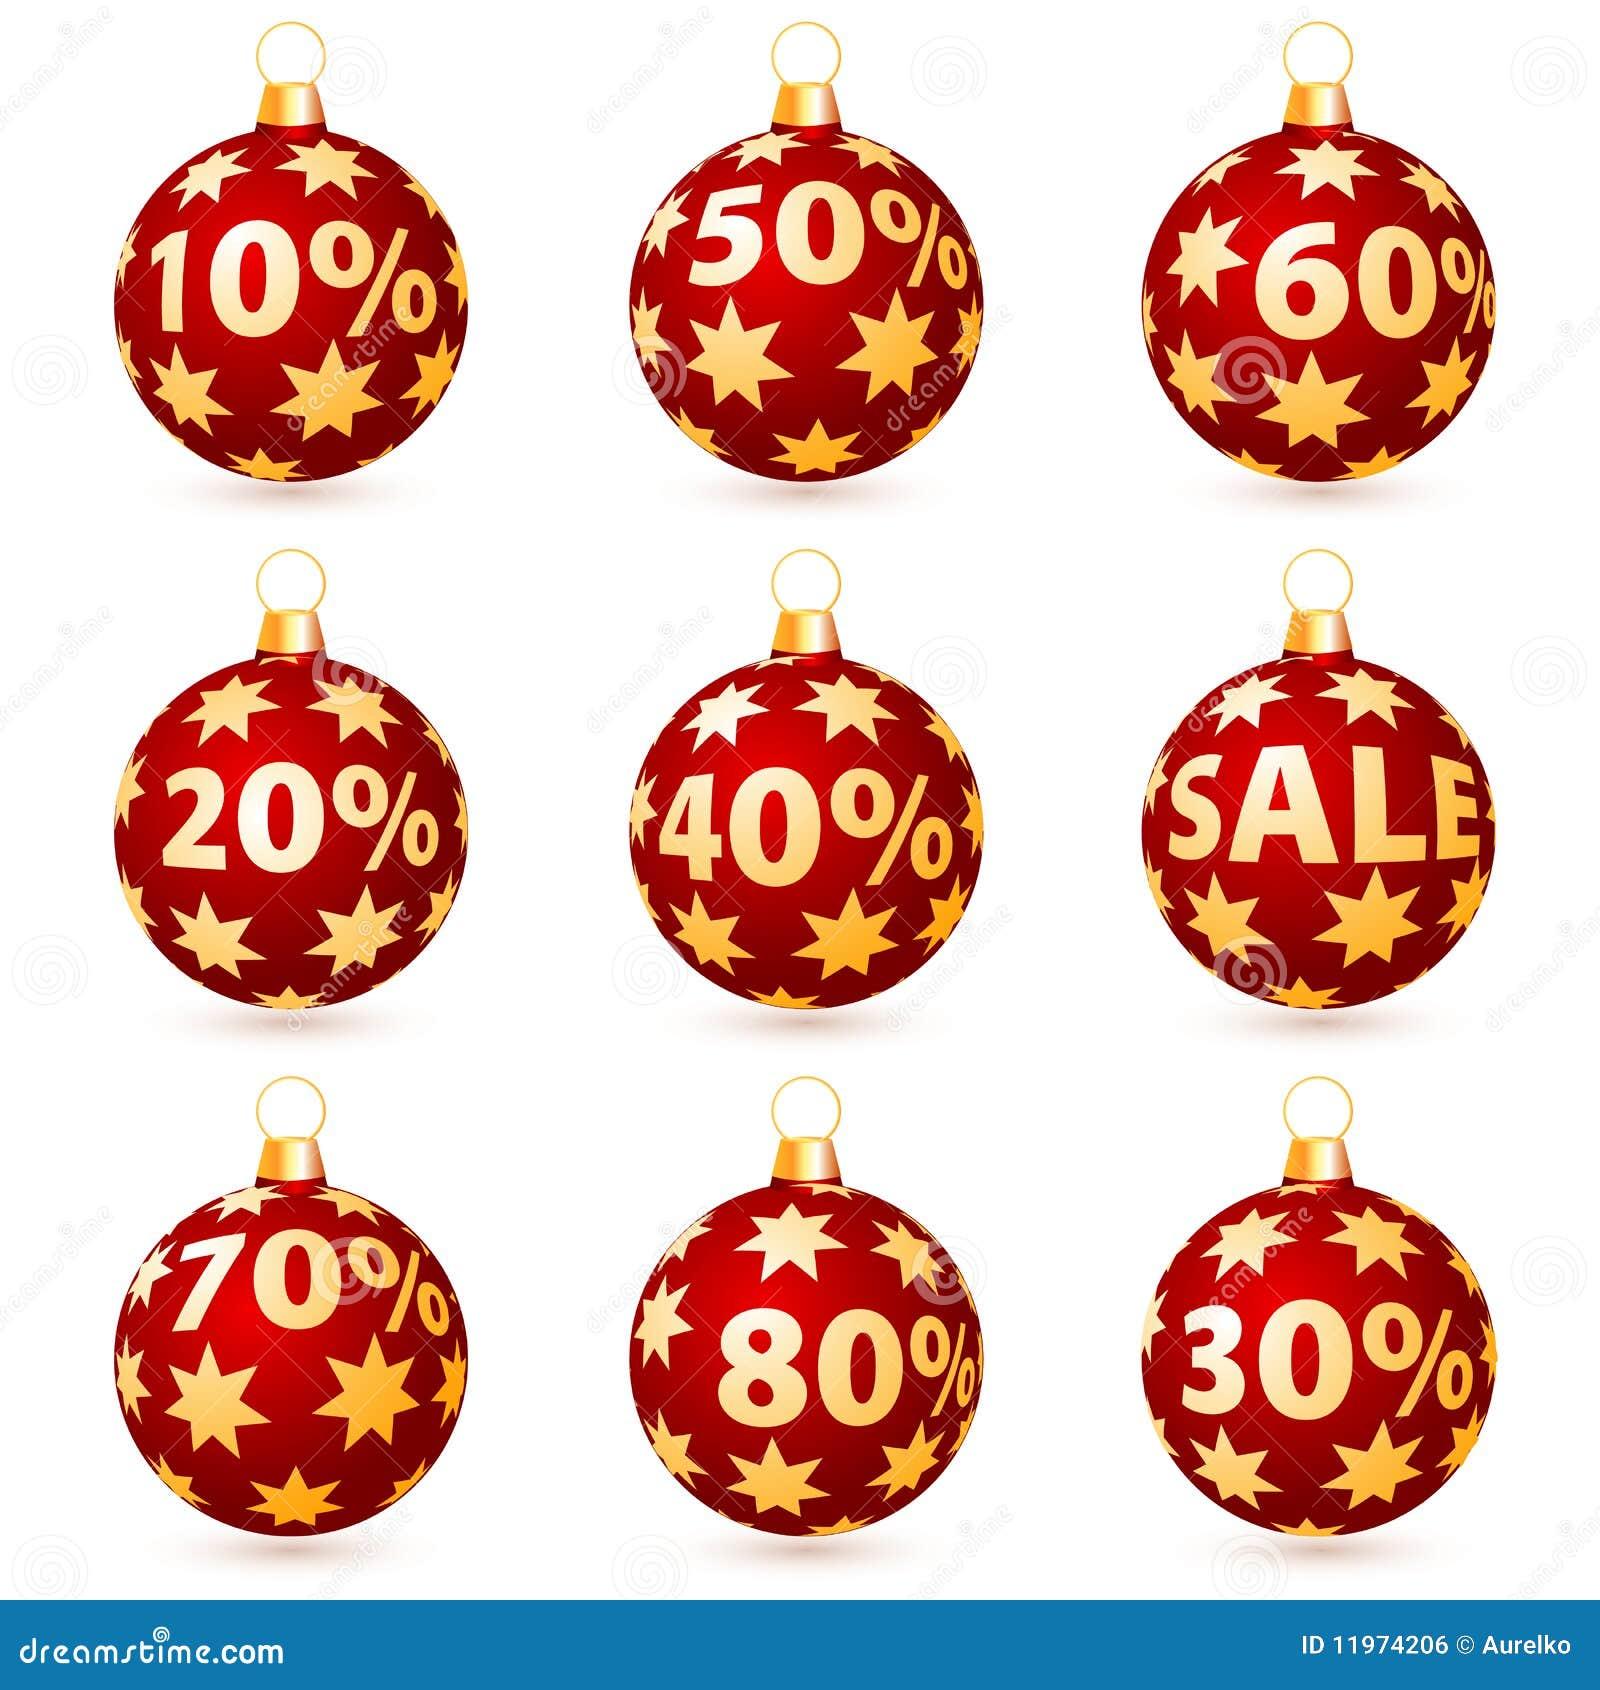 Sale christmas balls